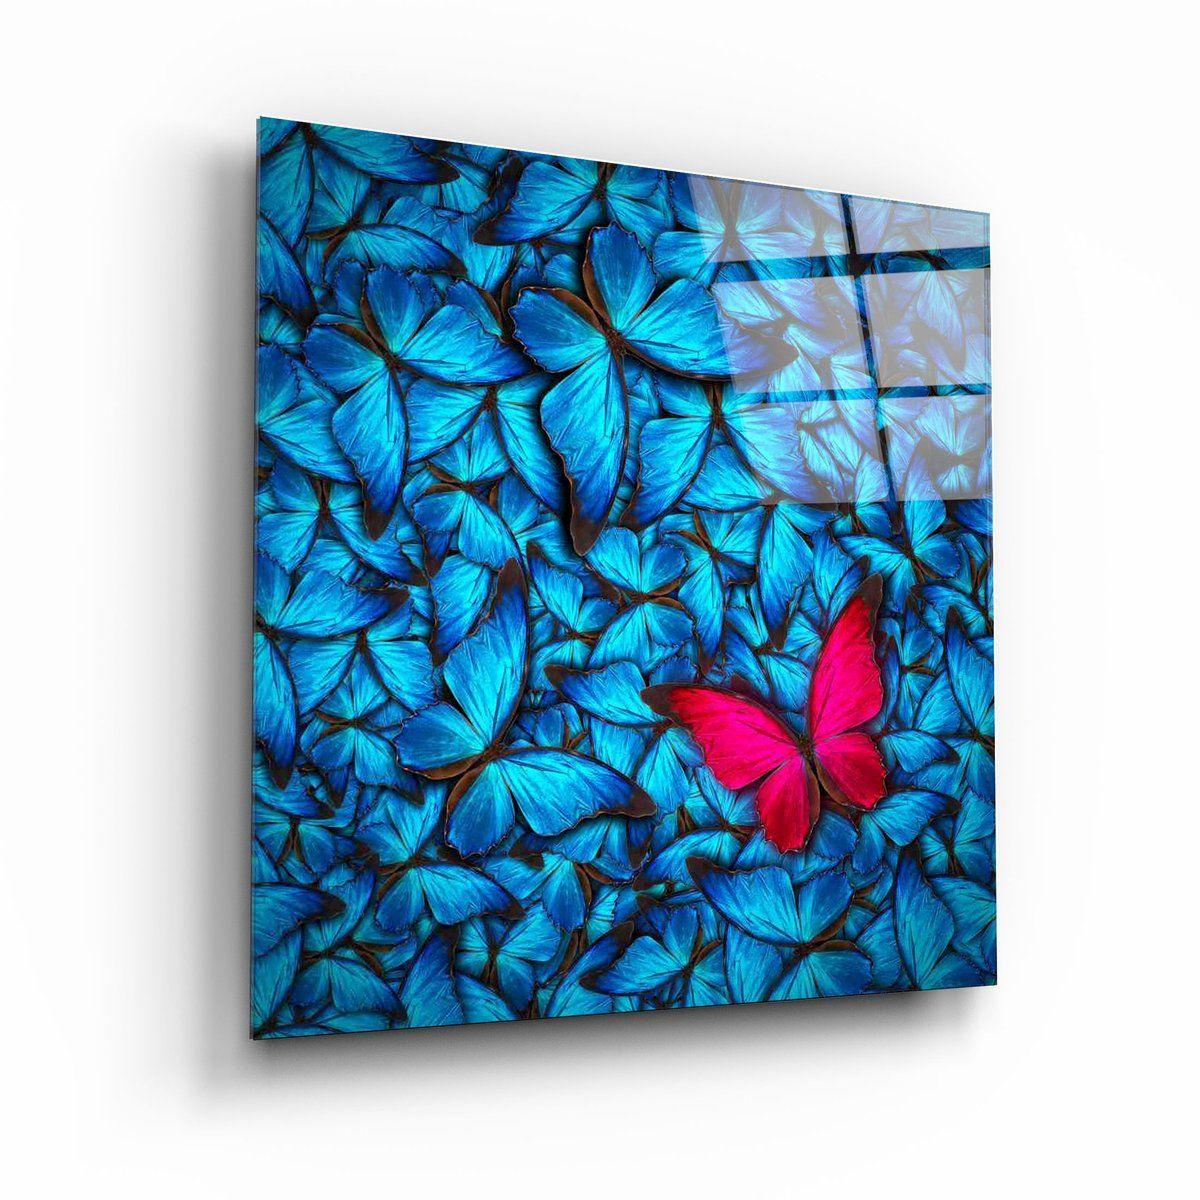 Butterfly Glass Wall Art Artdesigna Glass Printing Wall Art Glass Printing Glass Wall Art Glass Painting